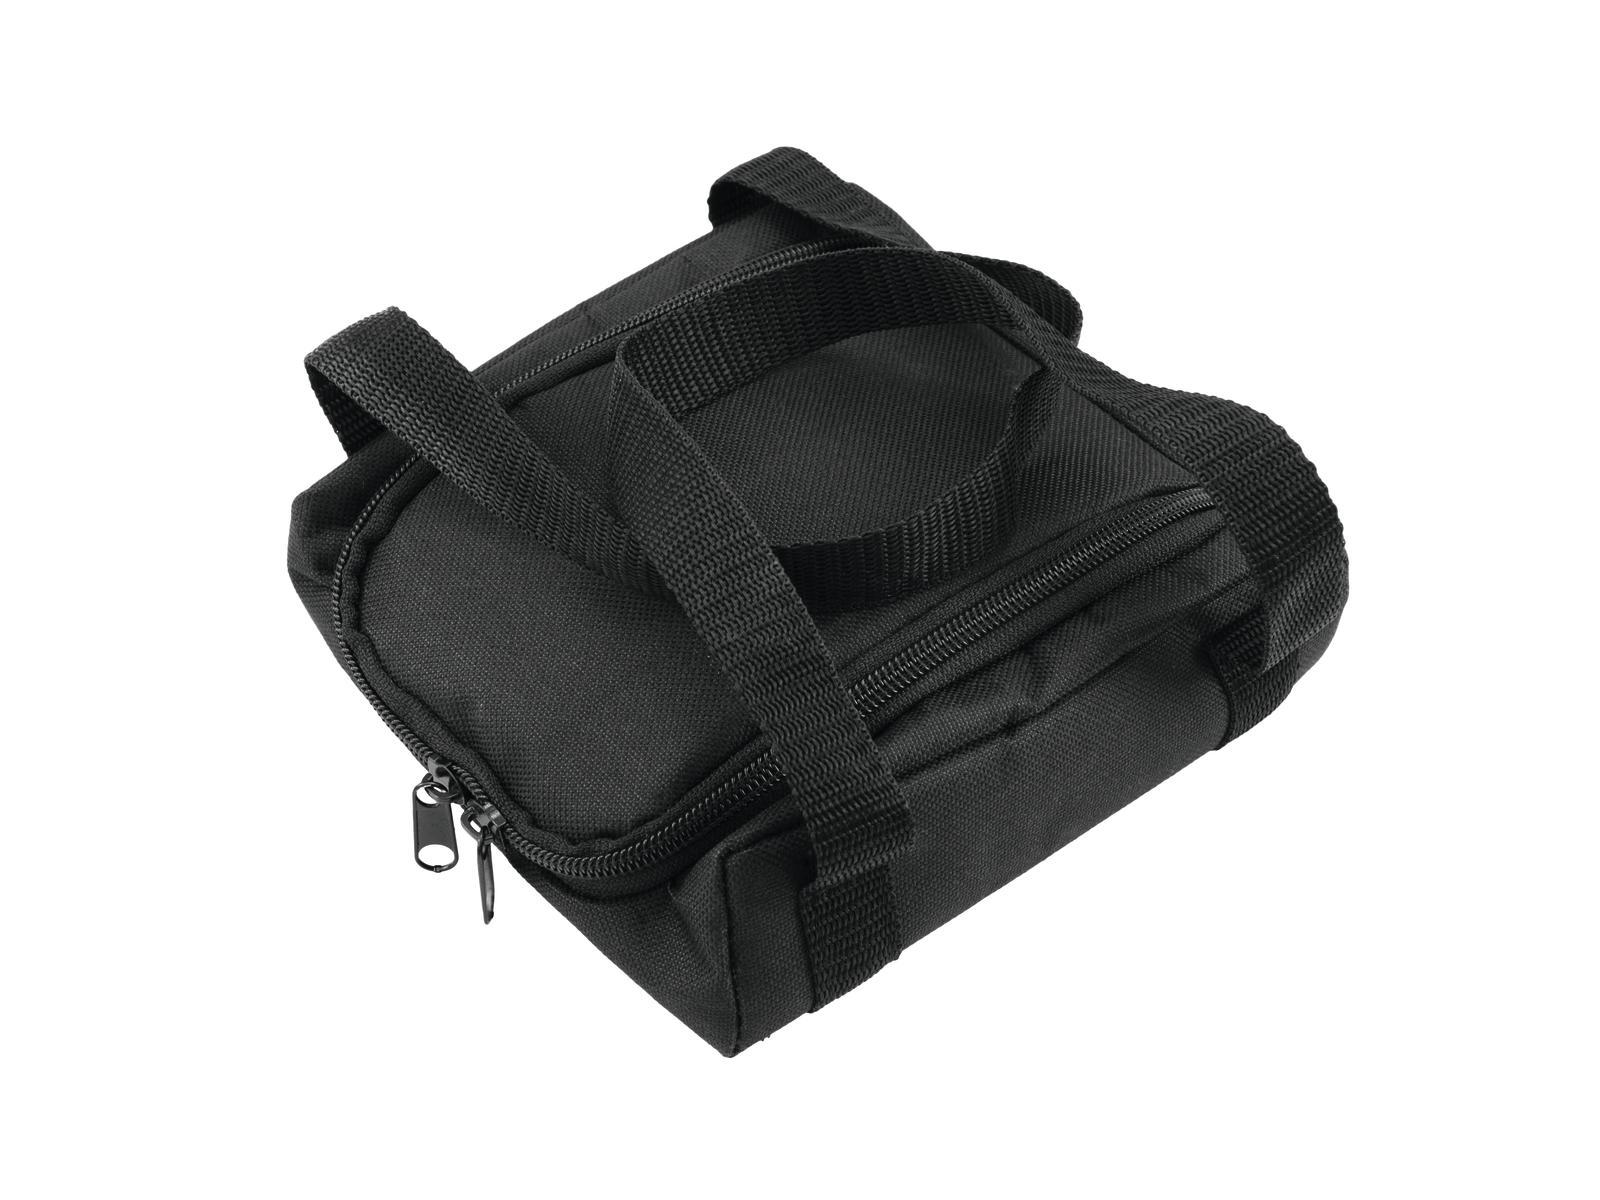 EUROLITE SB-50 Soft-Bag